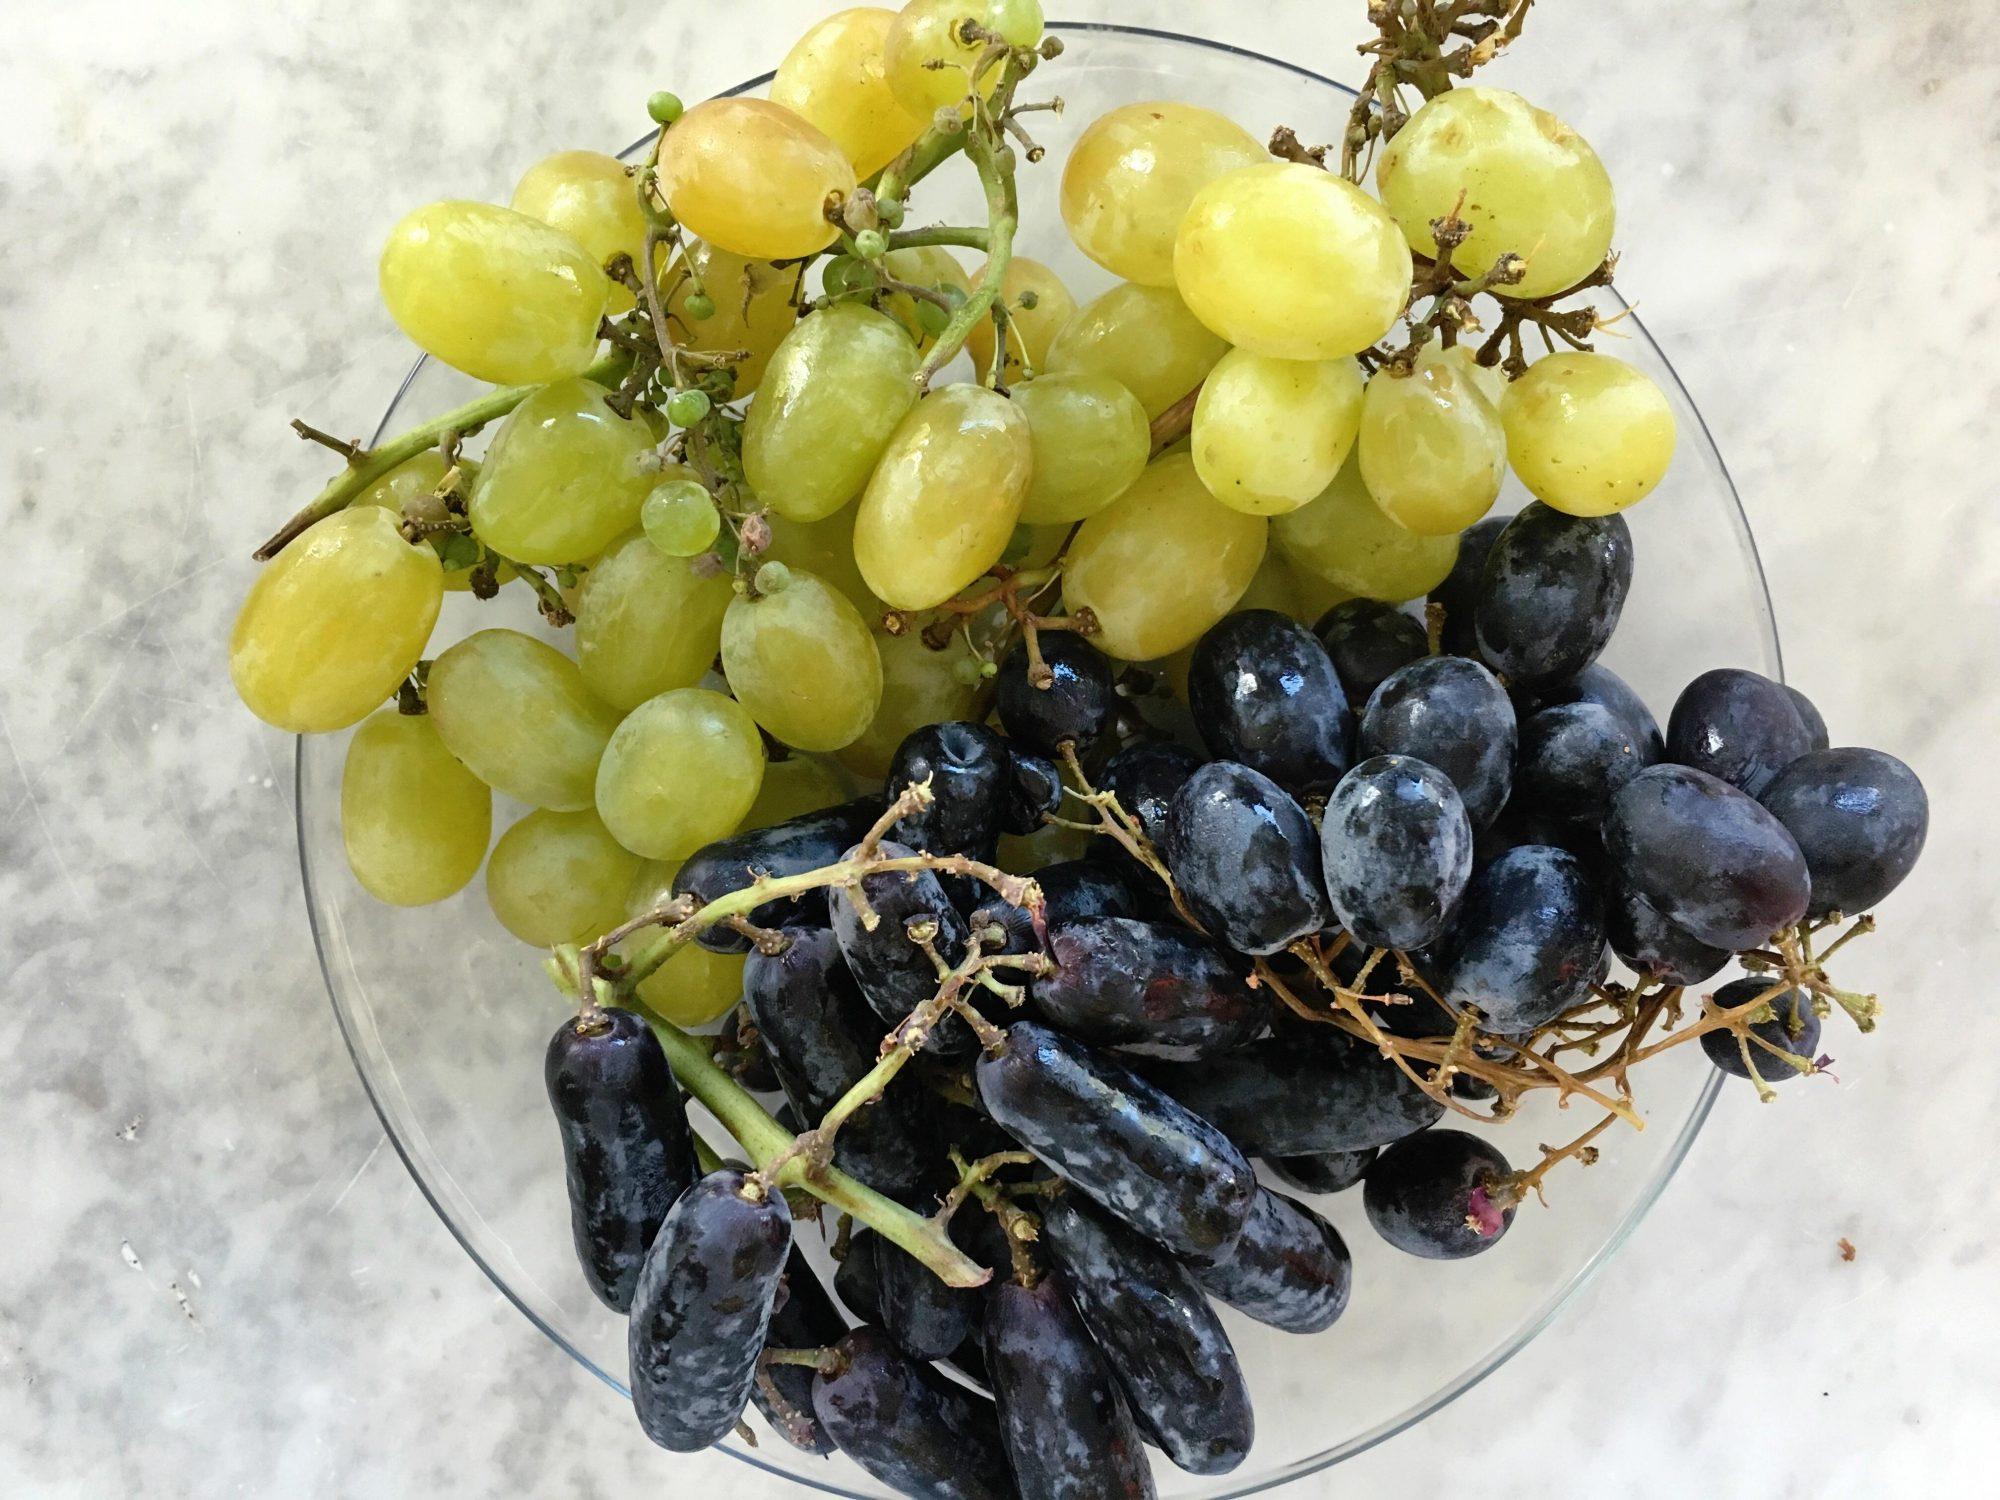 grape varieties image